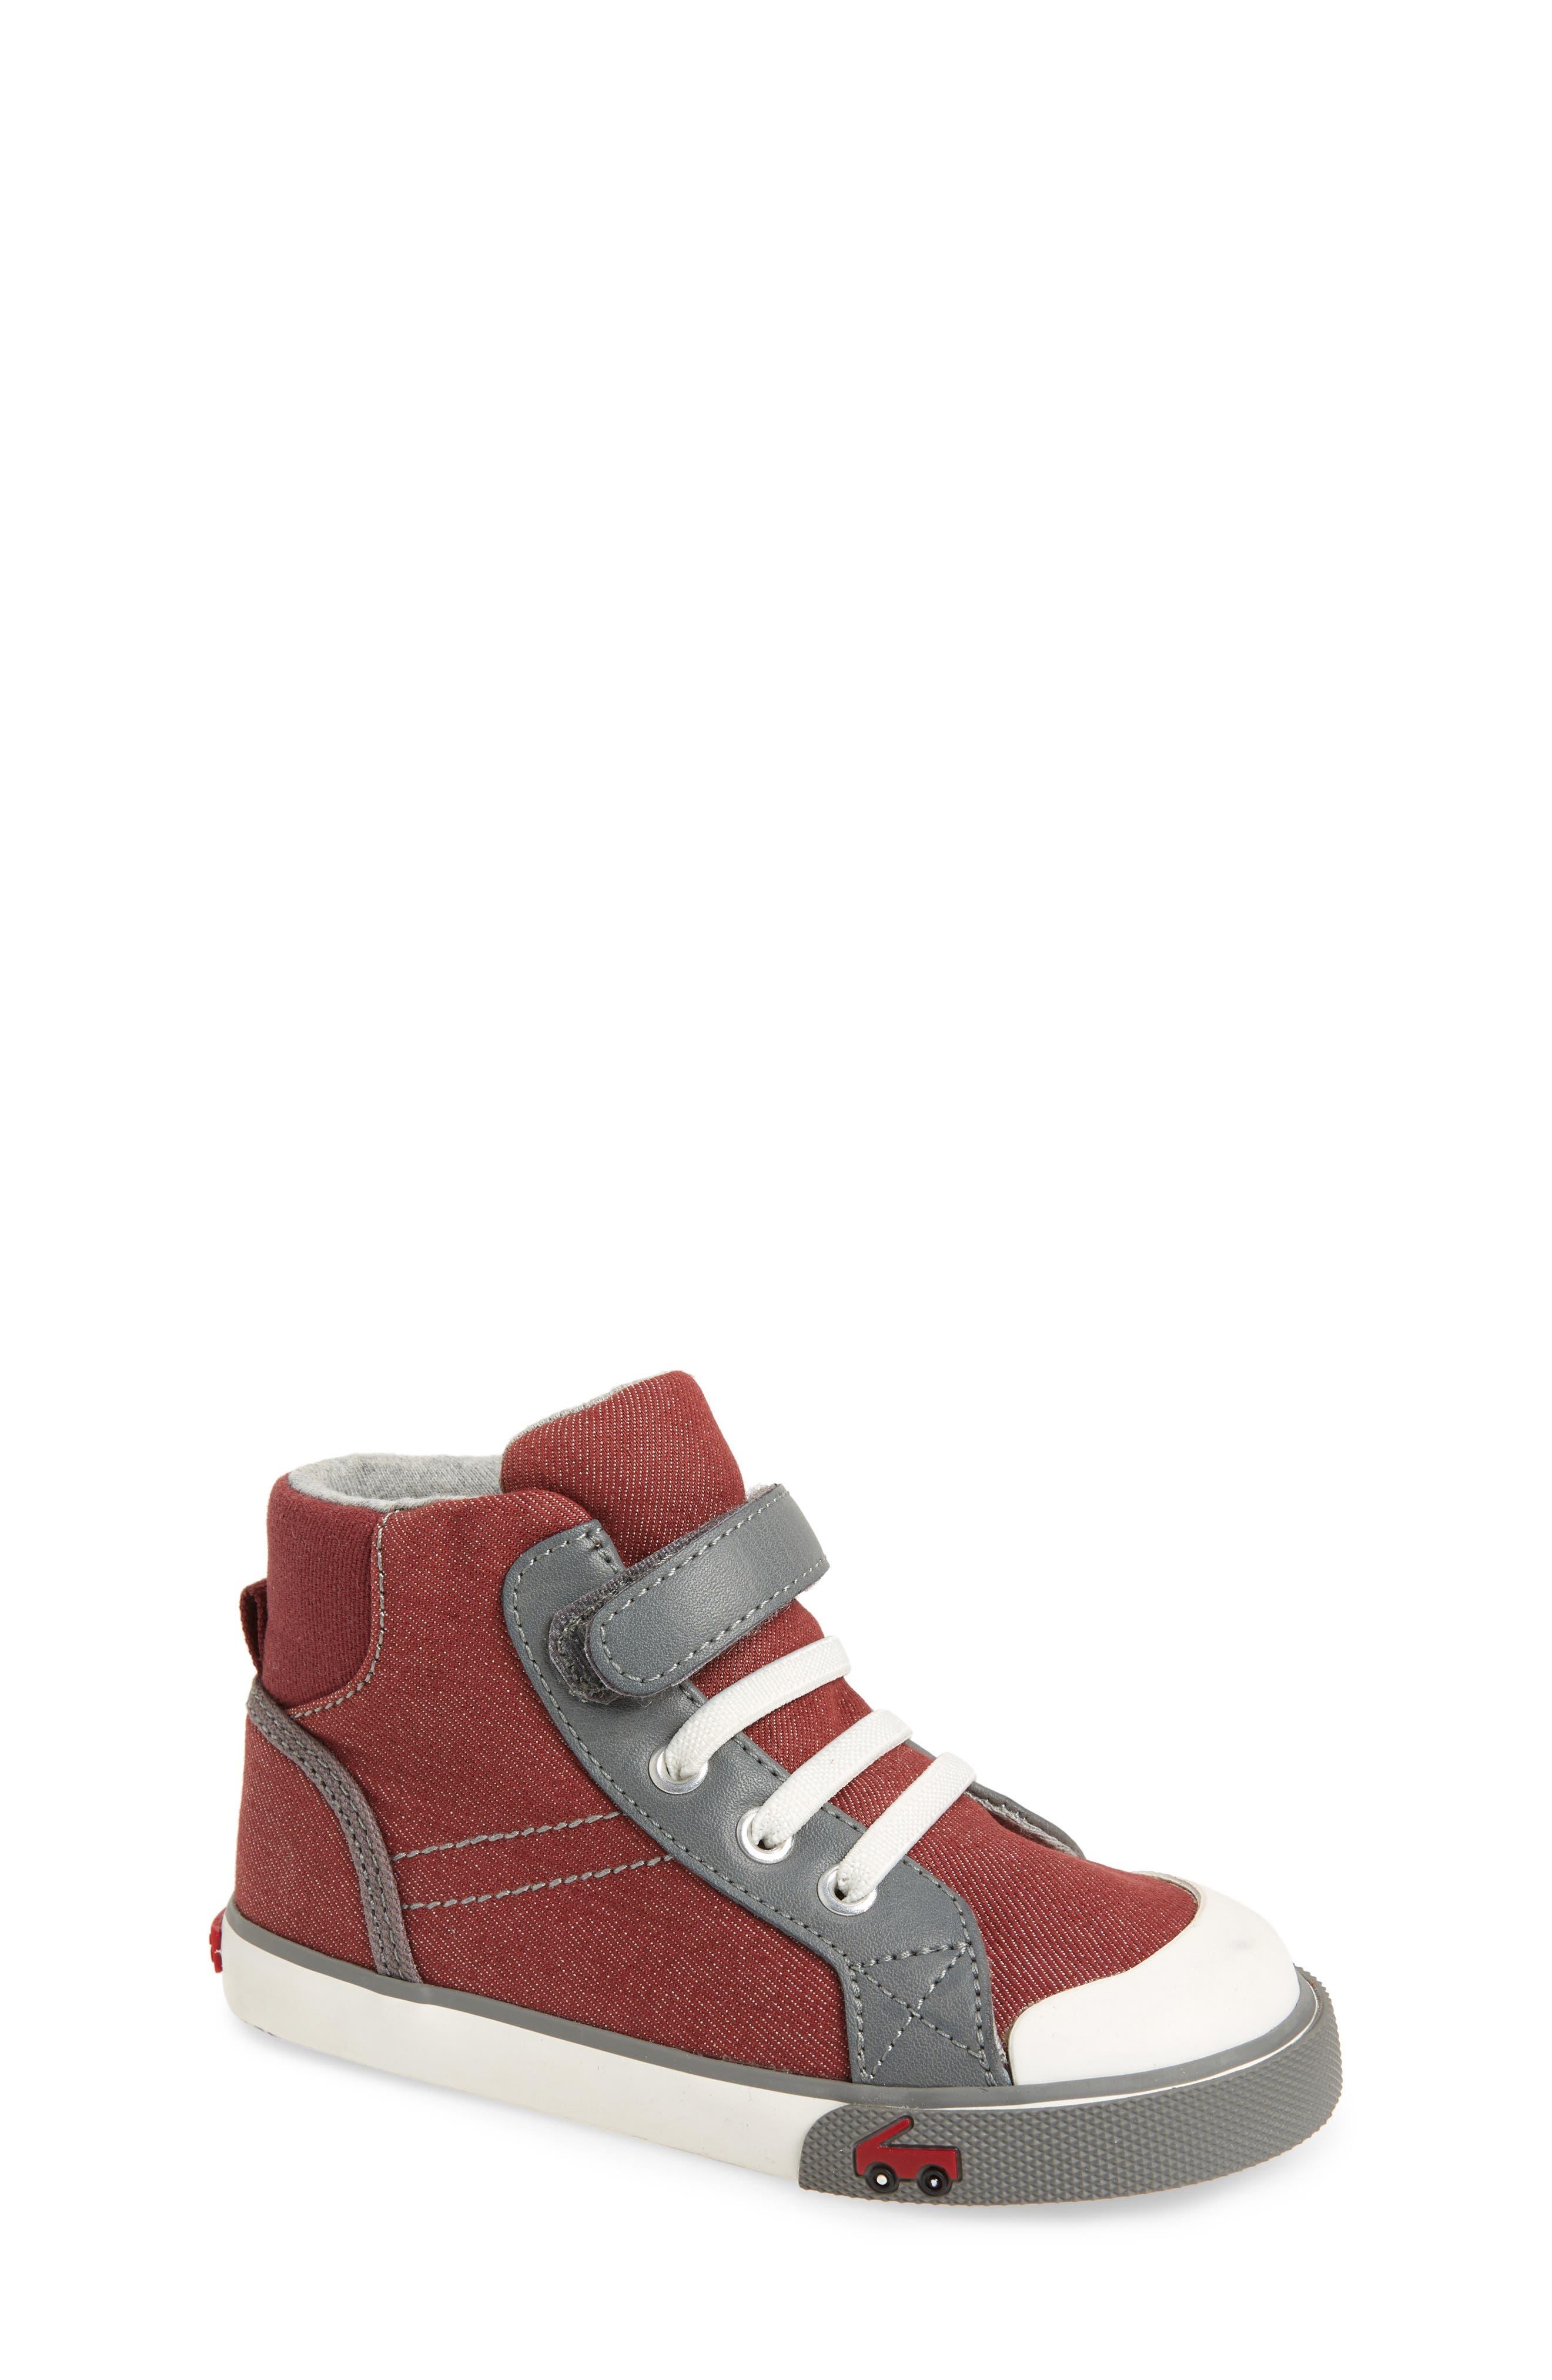 'Dane' Sneaker,                         Main,                         color, Burgundy Denim